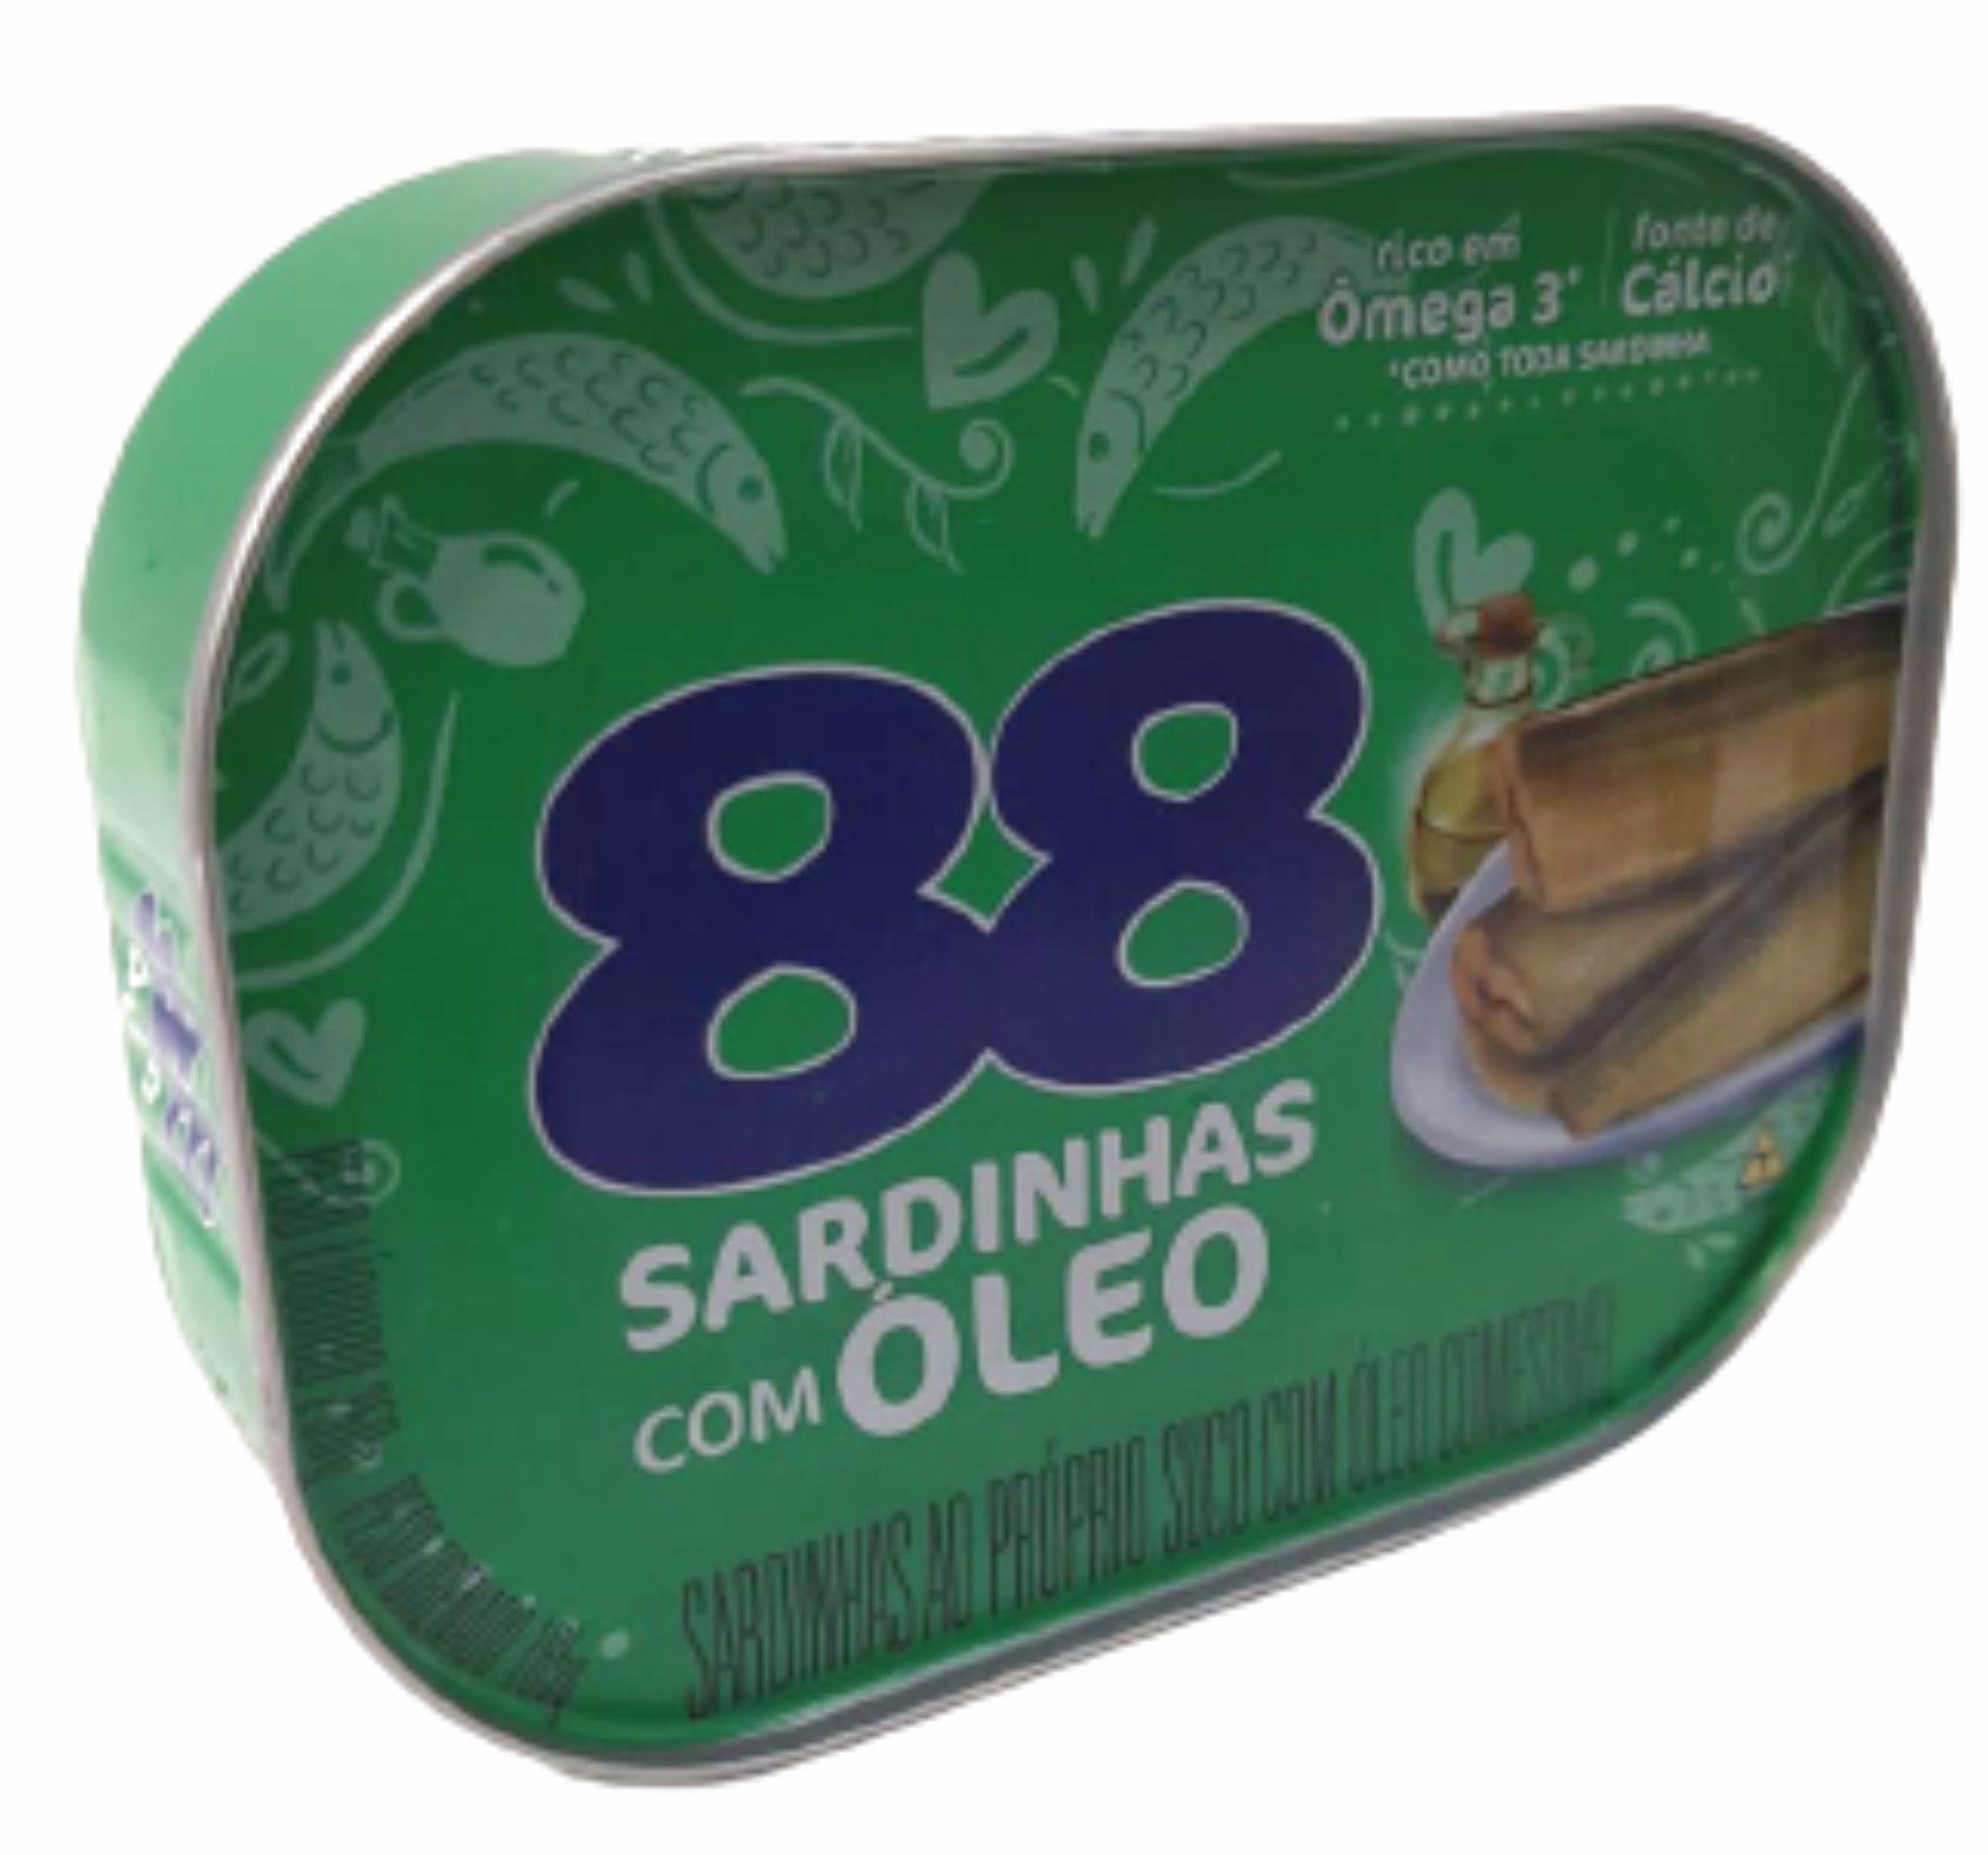 SARDINHAS OLEO VEG. 88 250 G